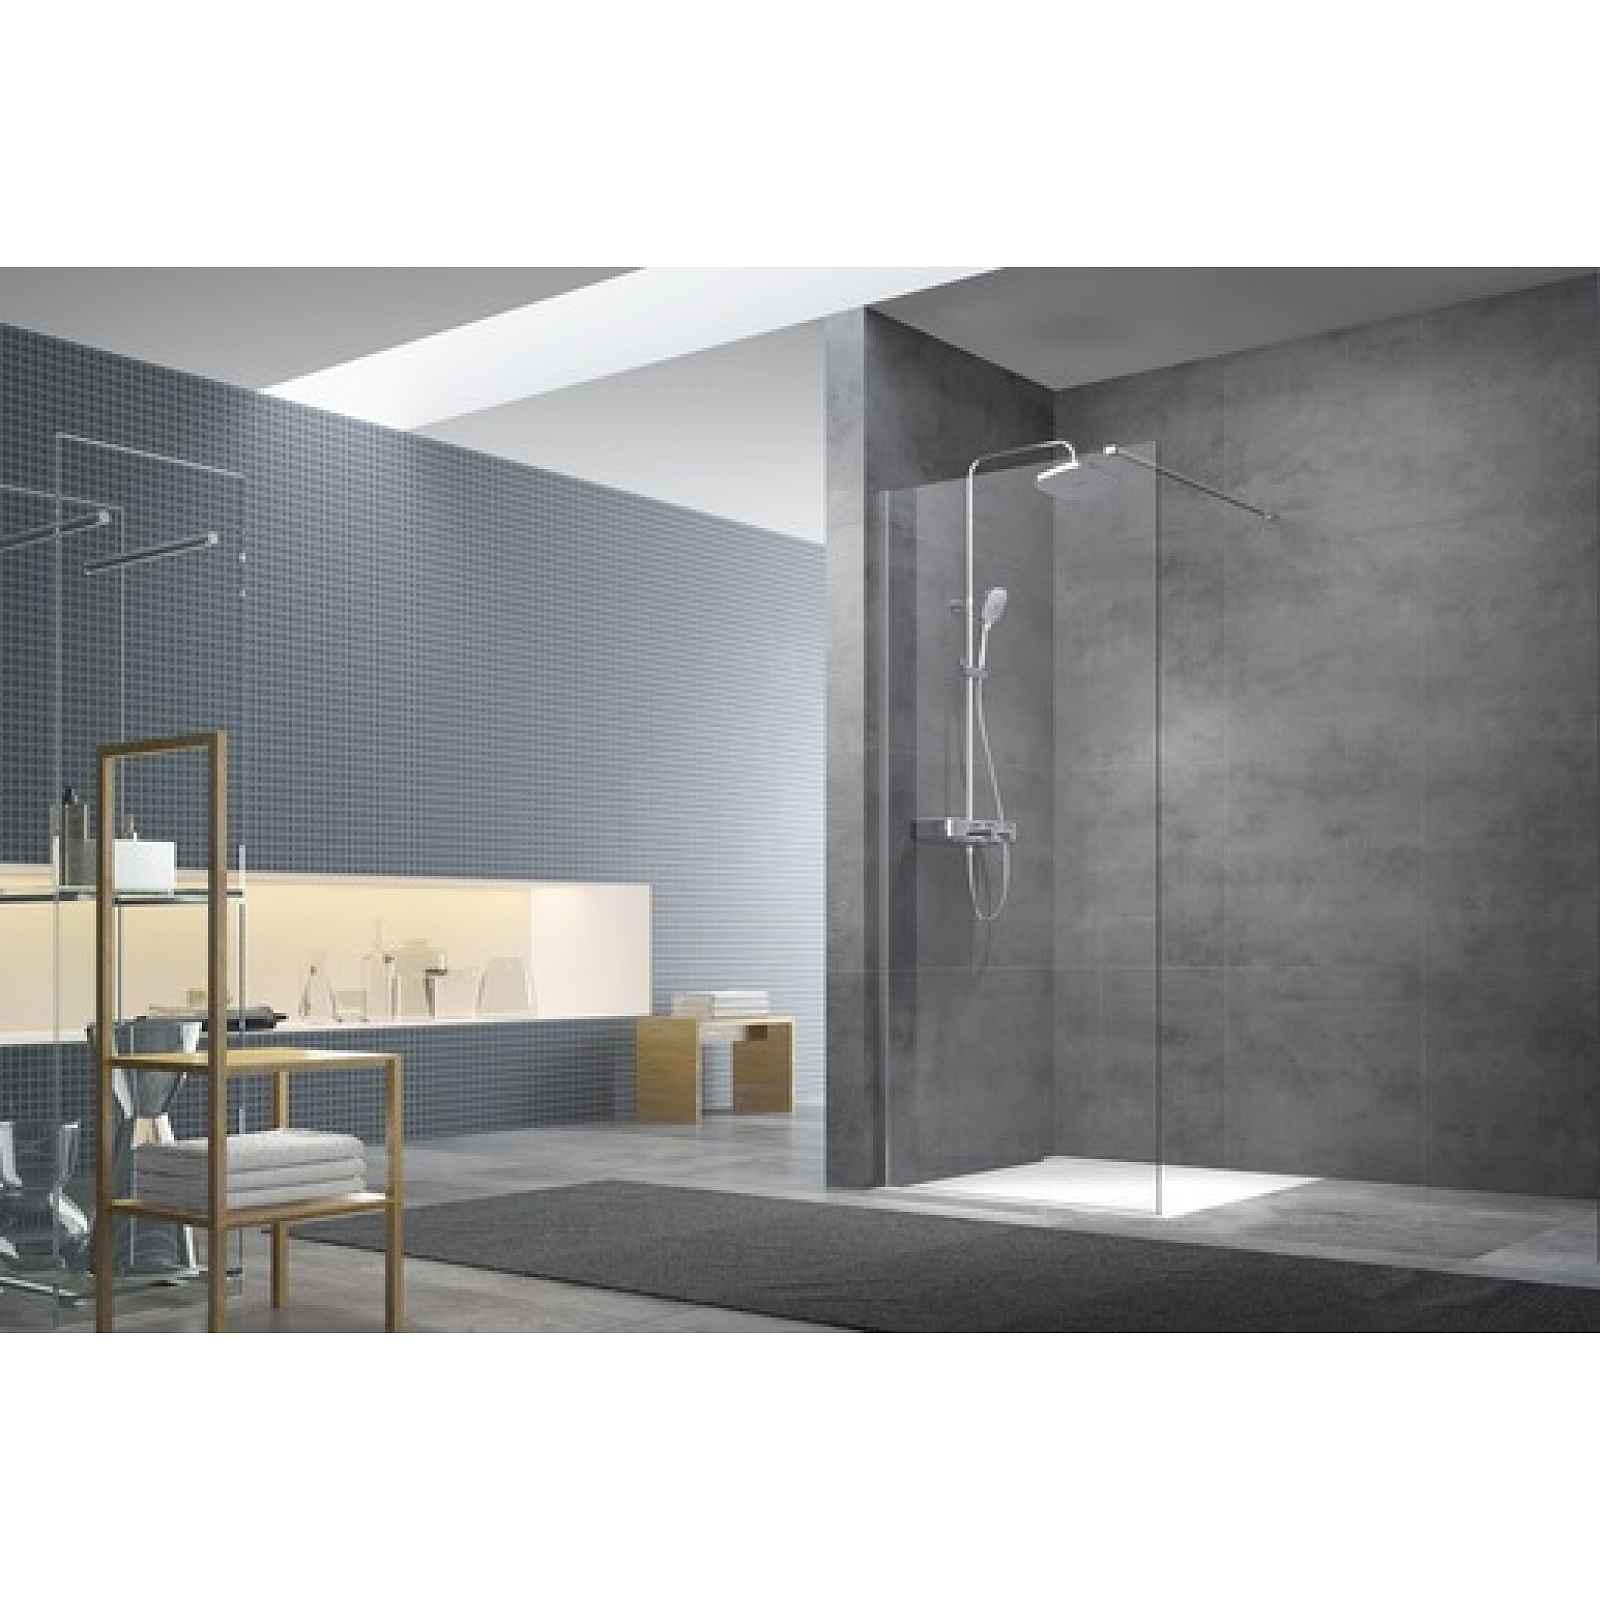 Sprchová zástěna walk-in Walk-In / dveře 120 cm s profilem a zavětrováním Swiss Aqua Technologies Walk-in SATBWI120PR